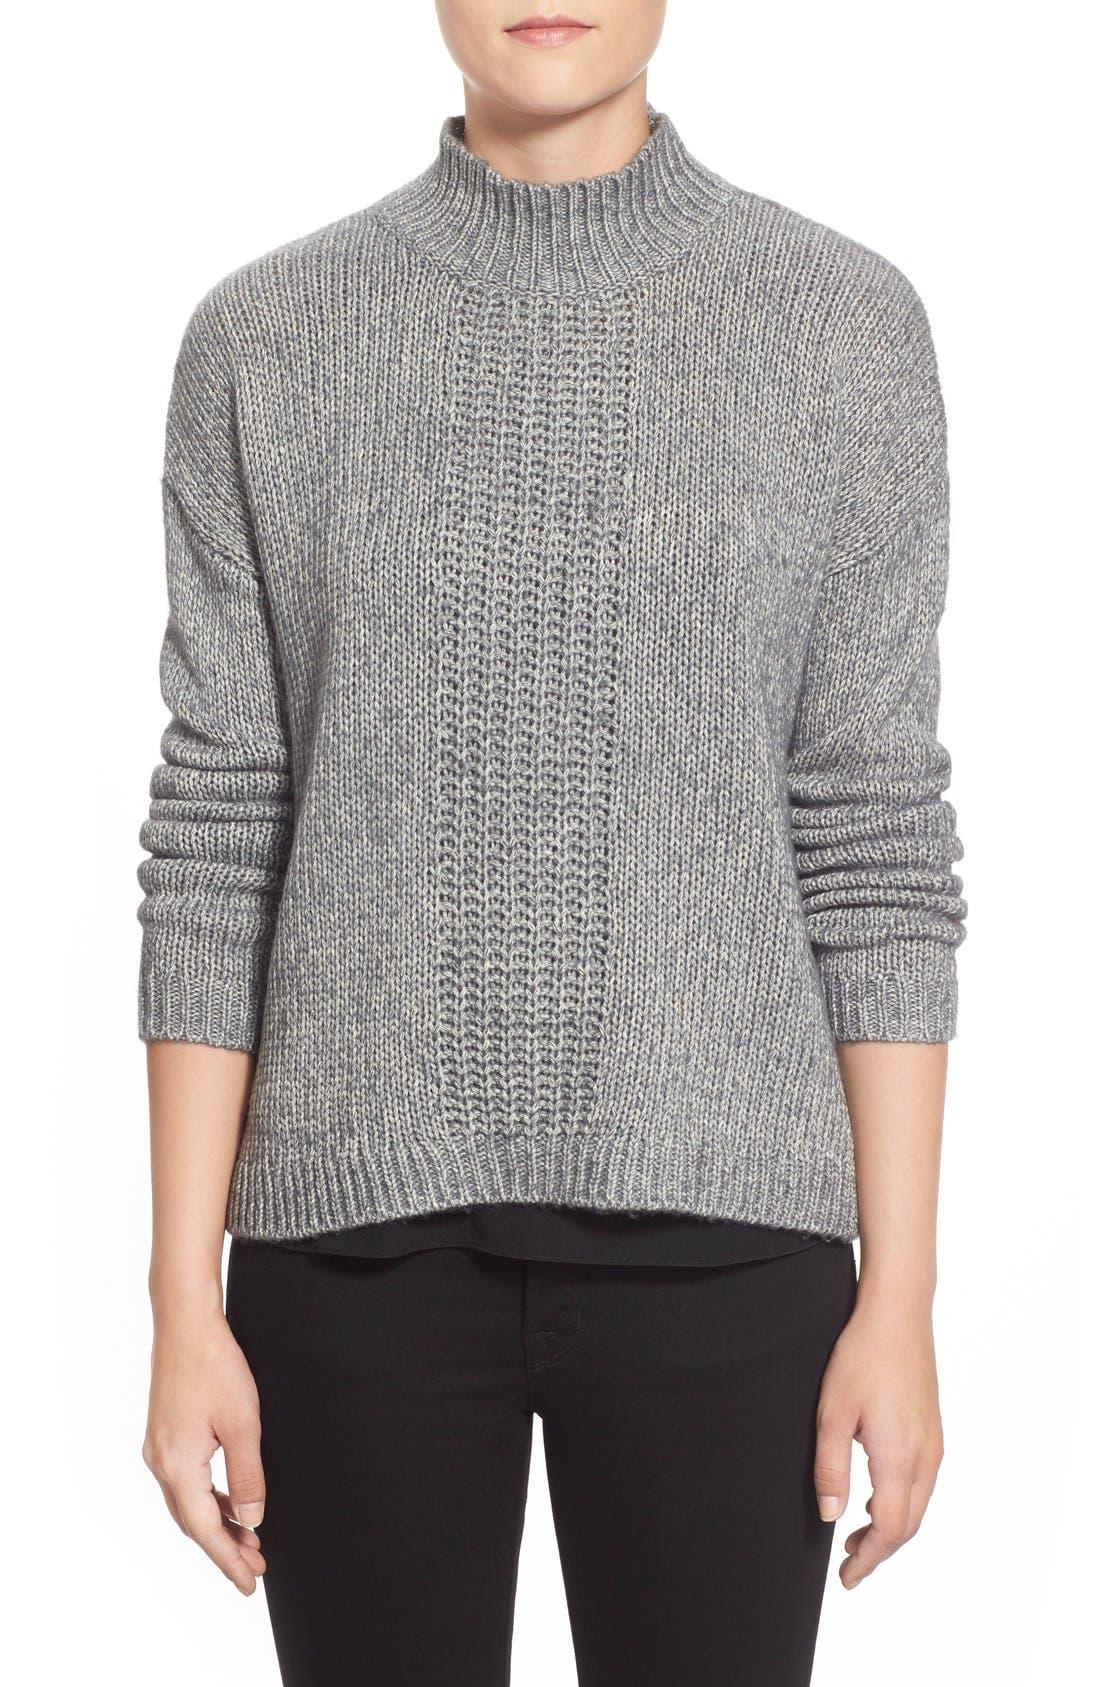 Alternate Image 1 Selected - Halogen® Pattern Front Mock Neck Sweater